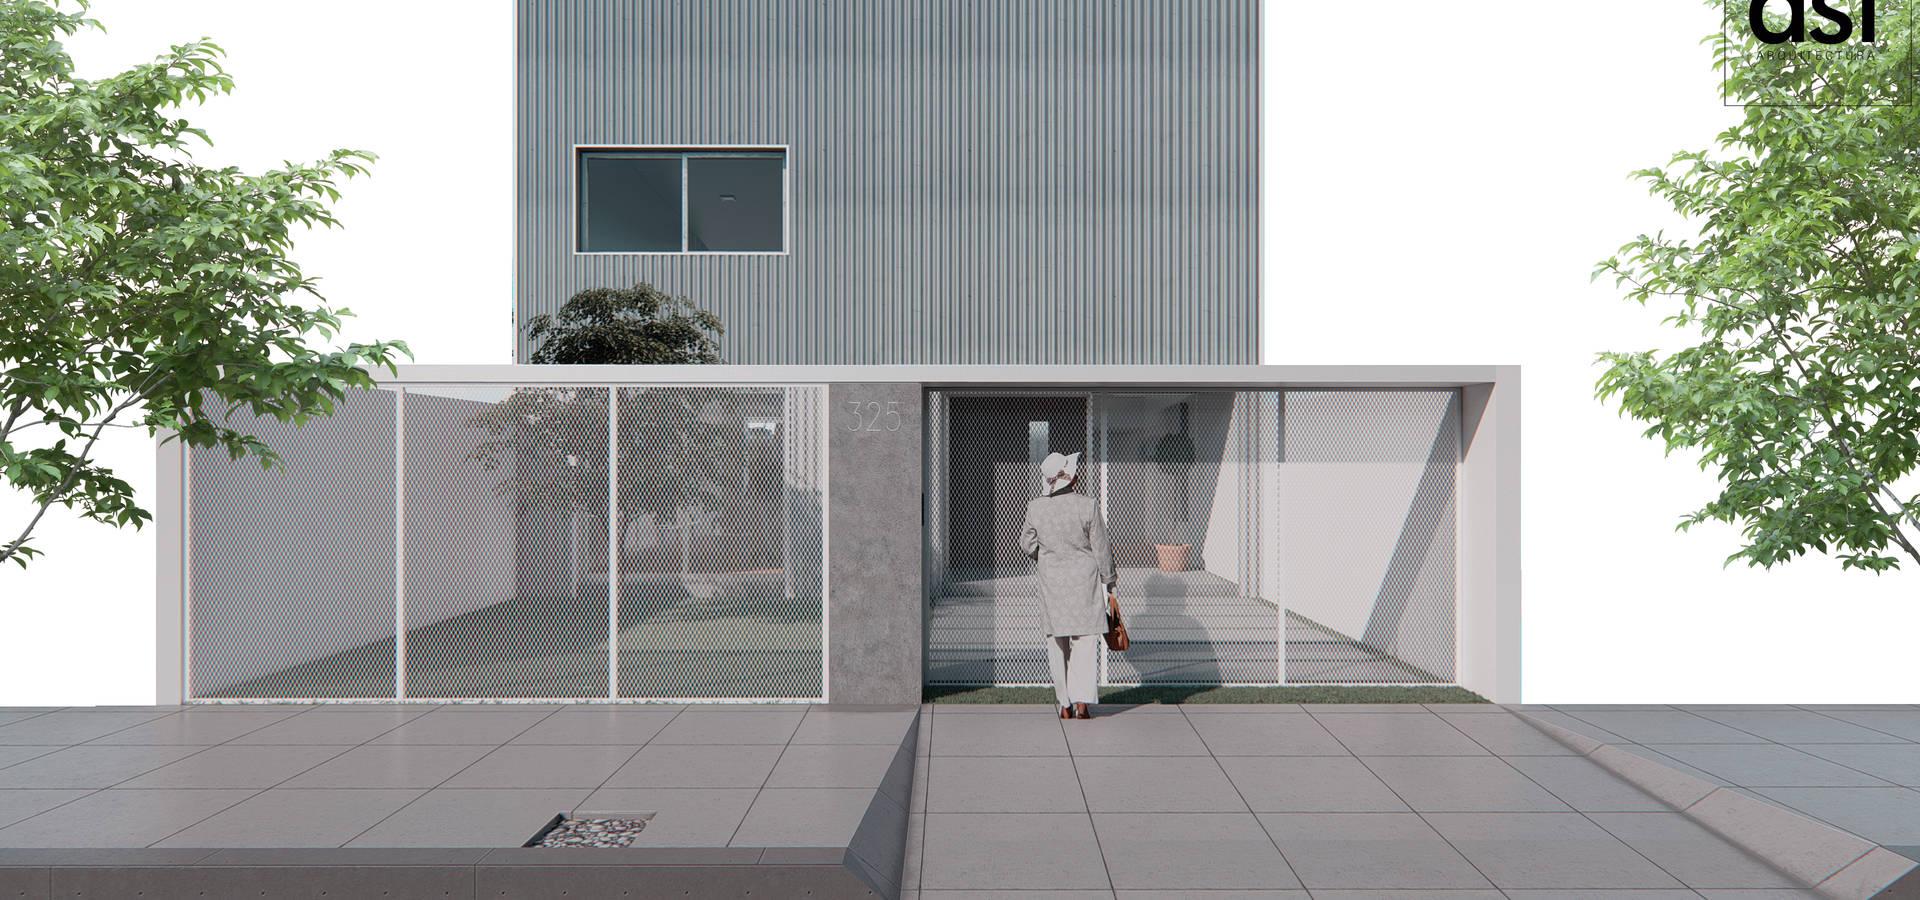 DST arquitectura